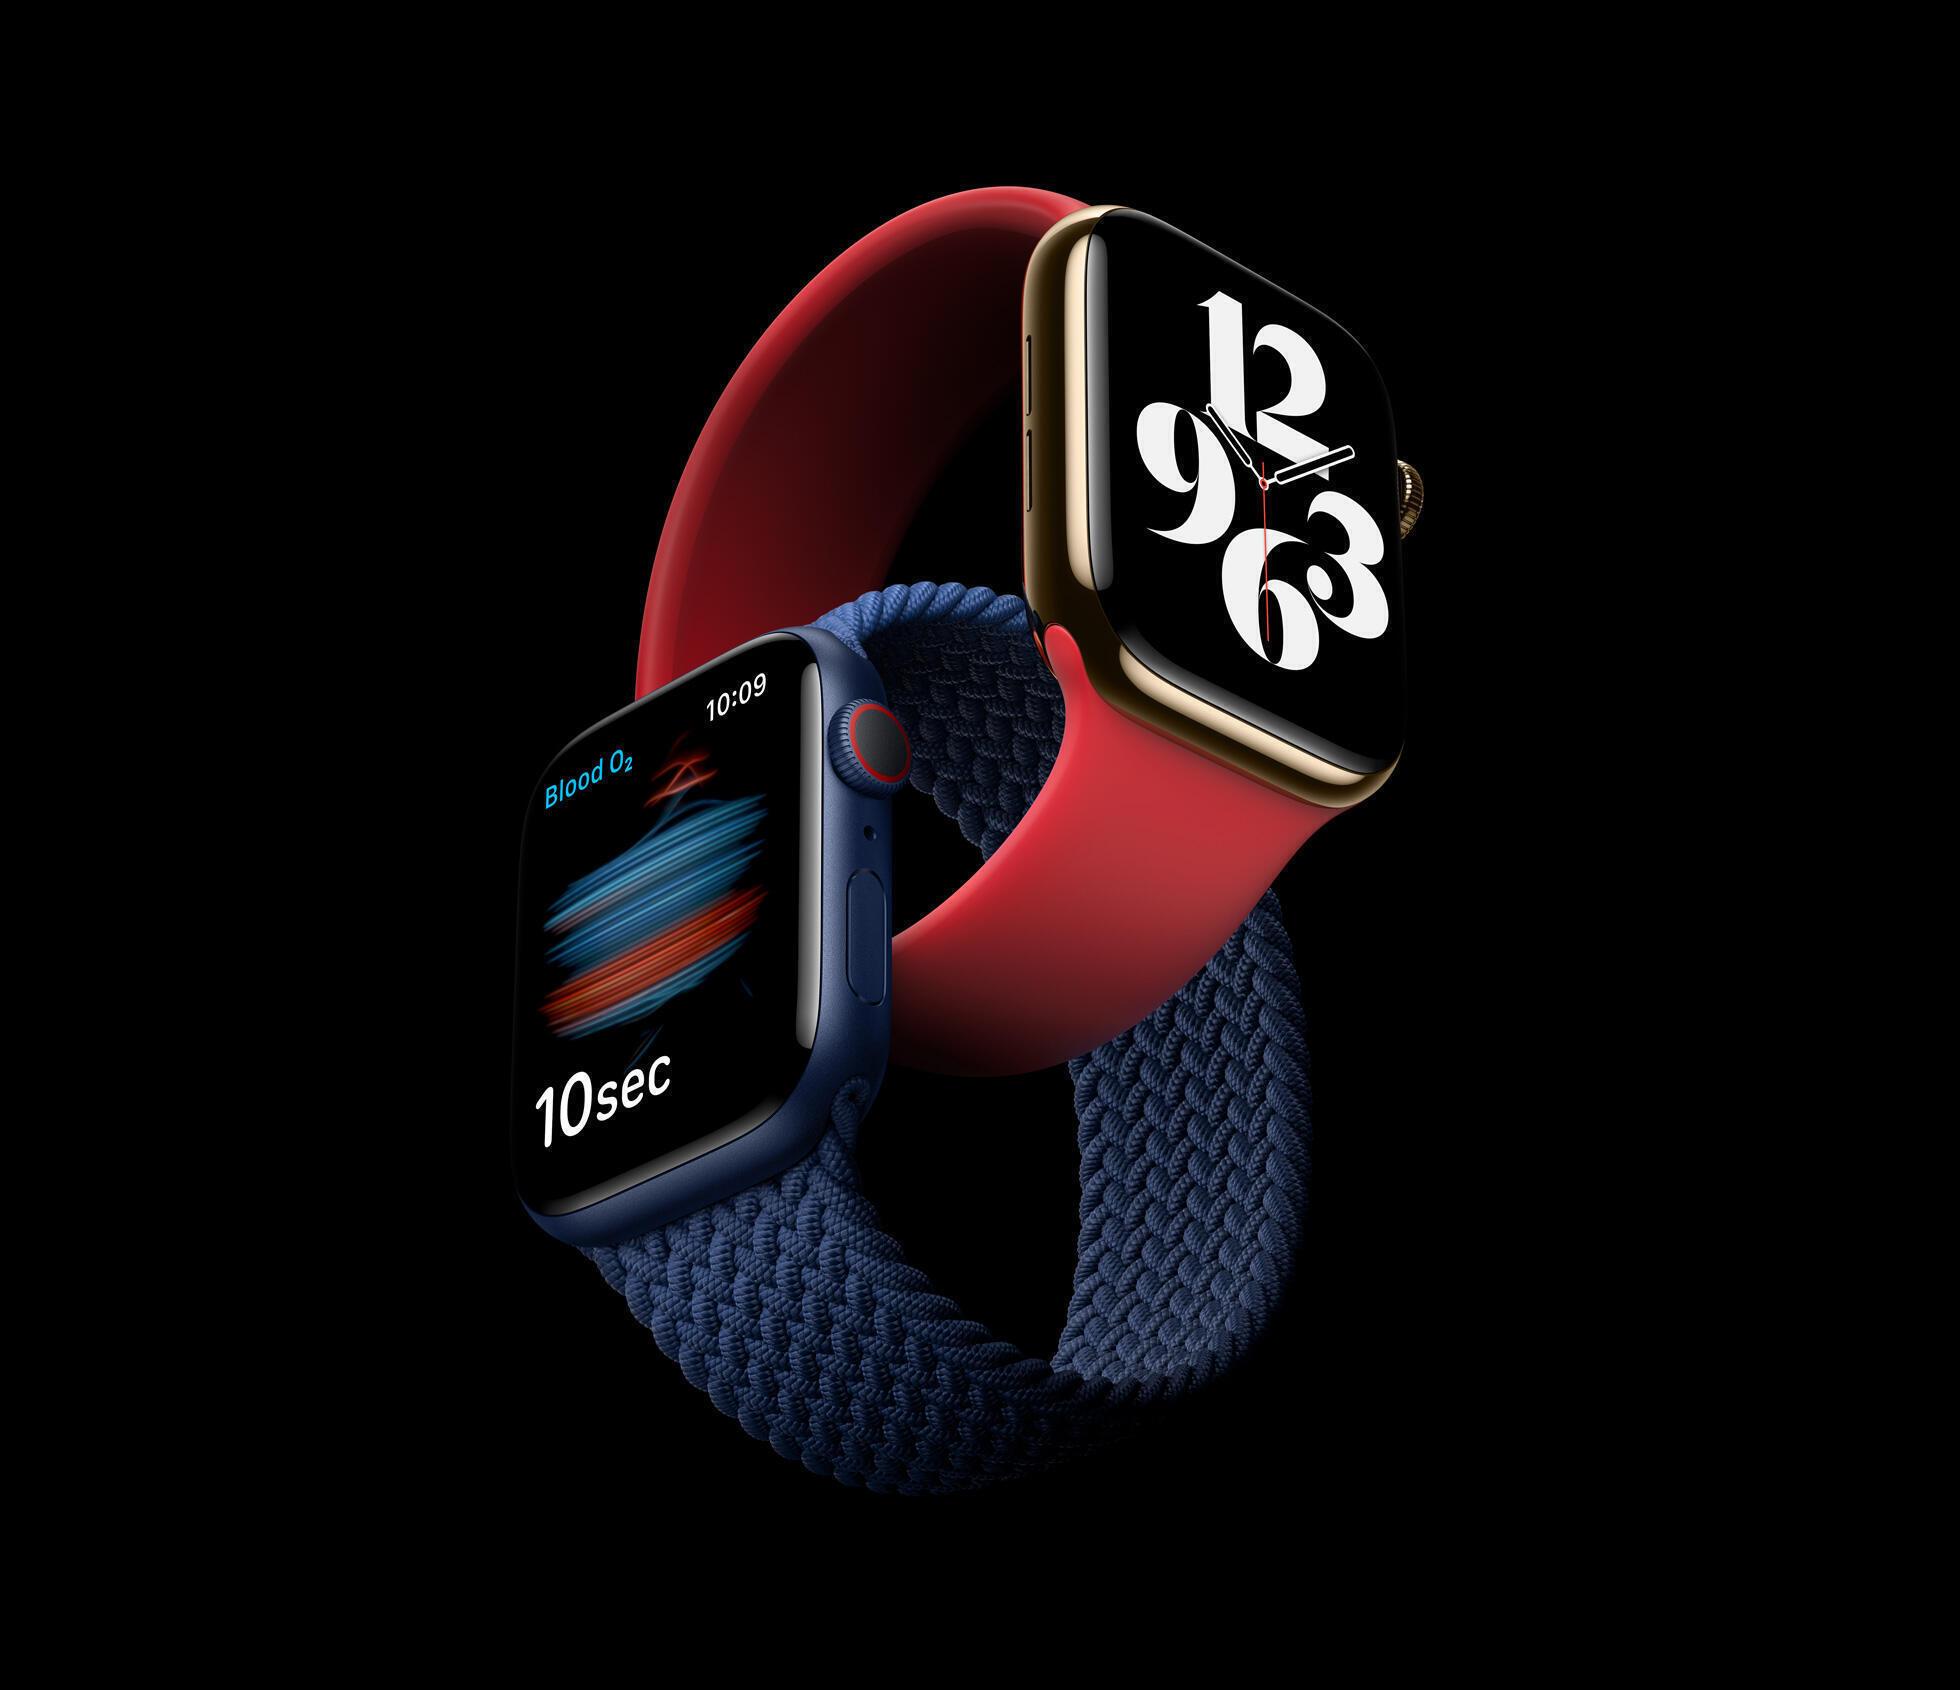 apple-delivers-apple-watch-series-6-09152020.jpg